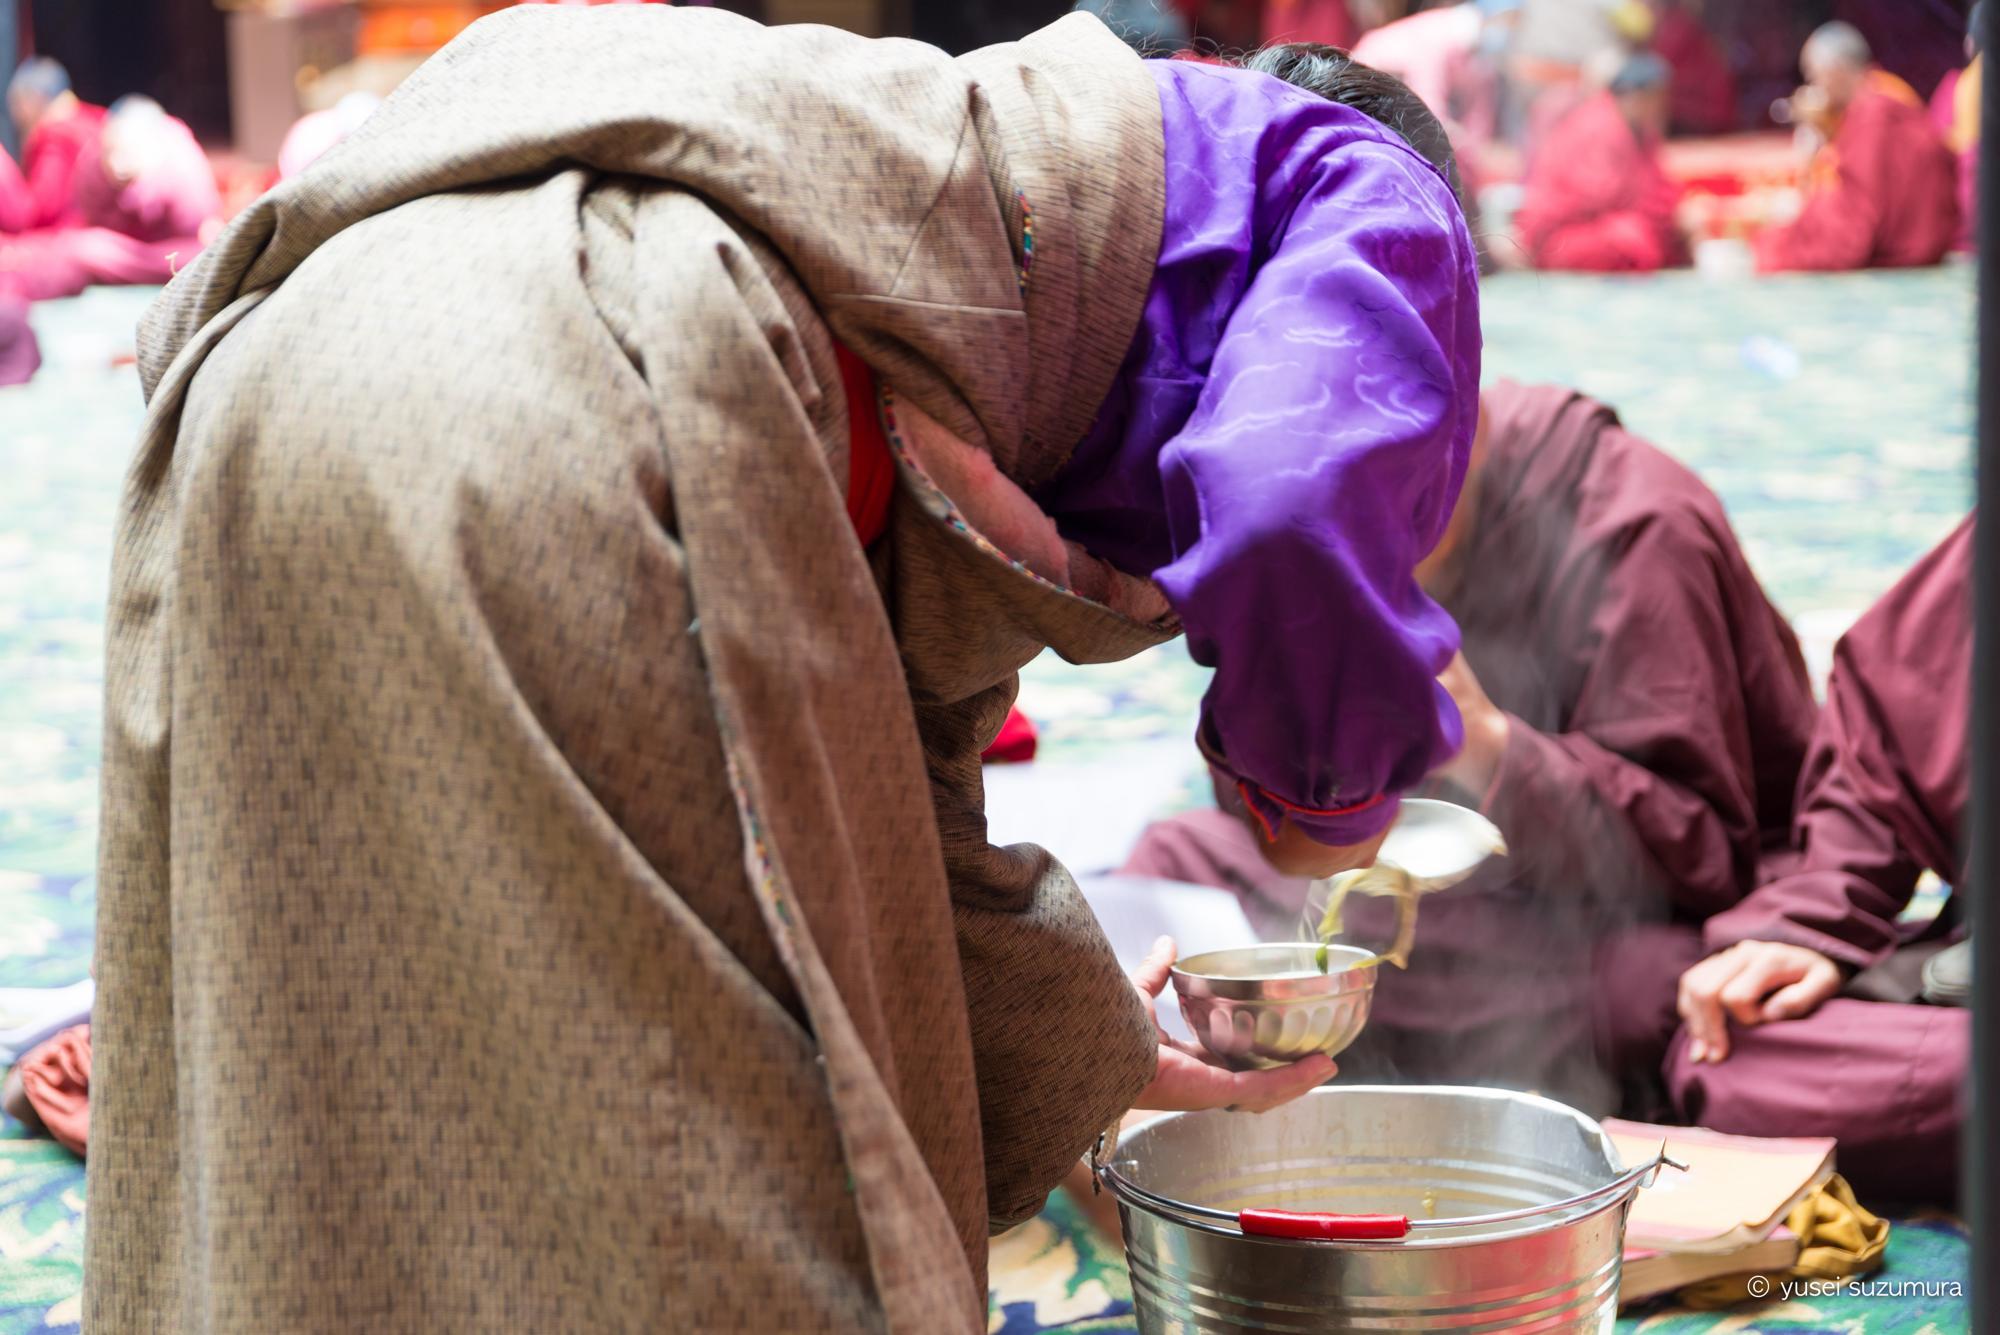 ラルンガルゴンパ 炊き出し チベタン